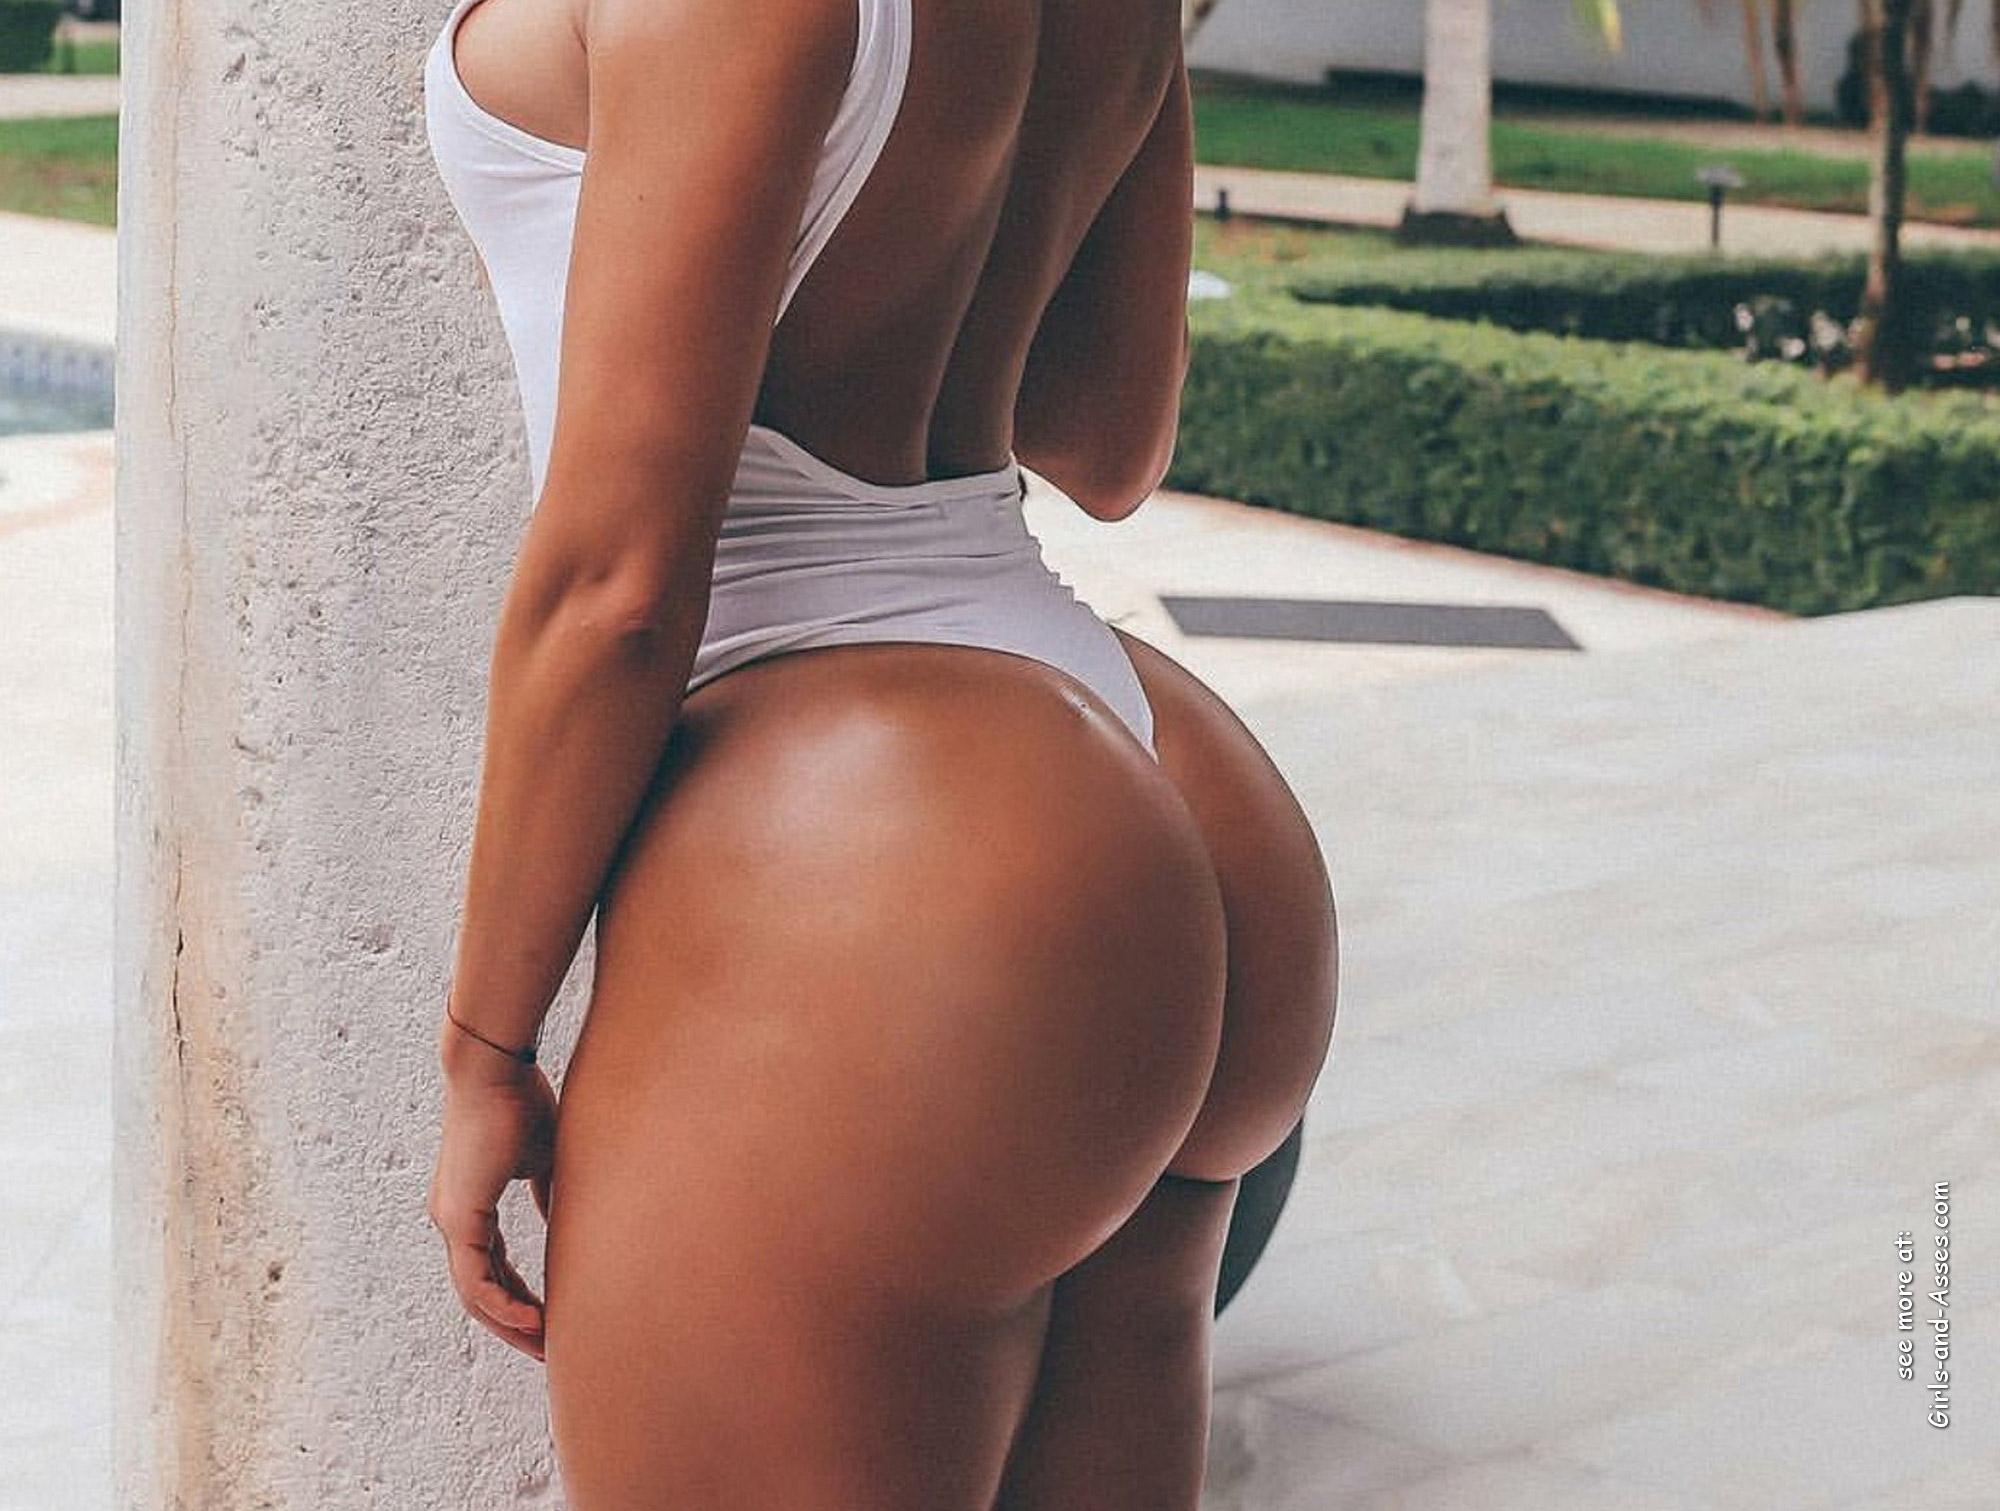 big assed naked brazilian babe photo 04247